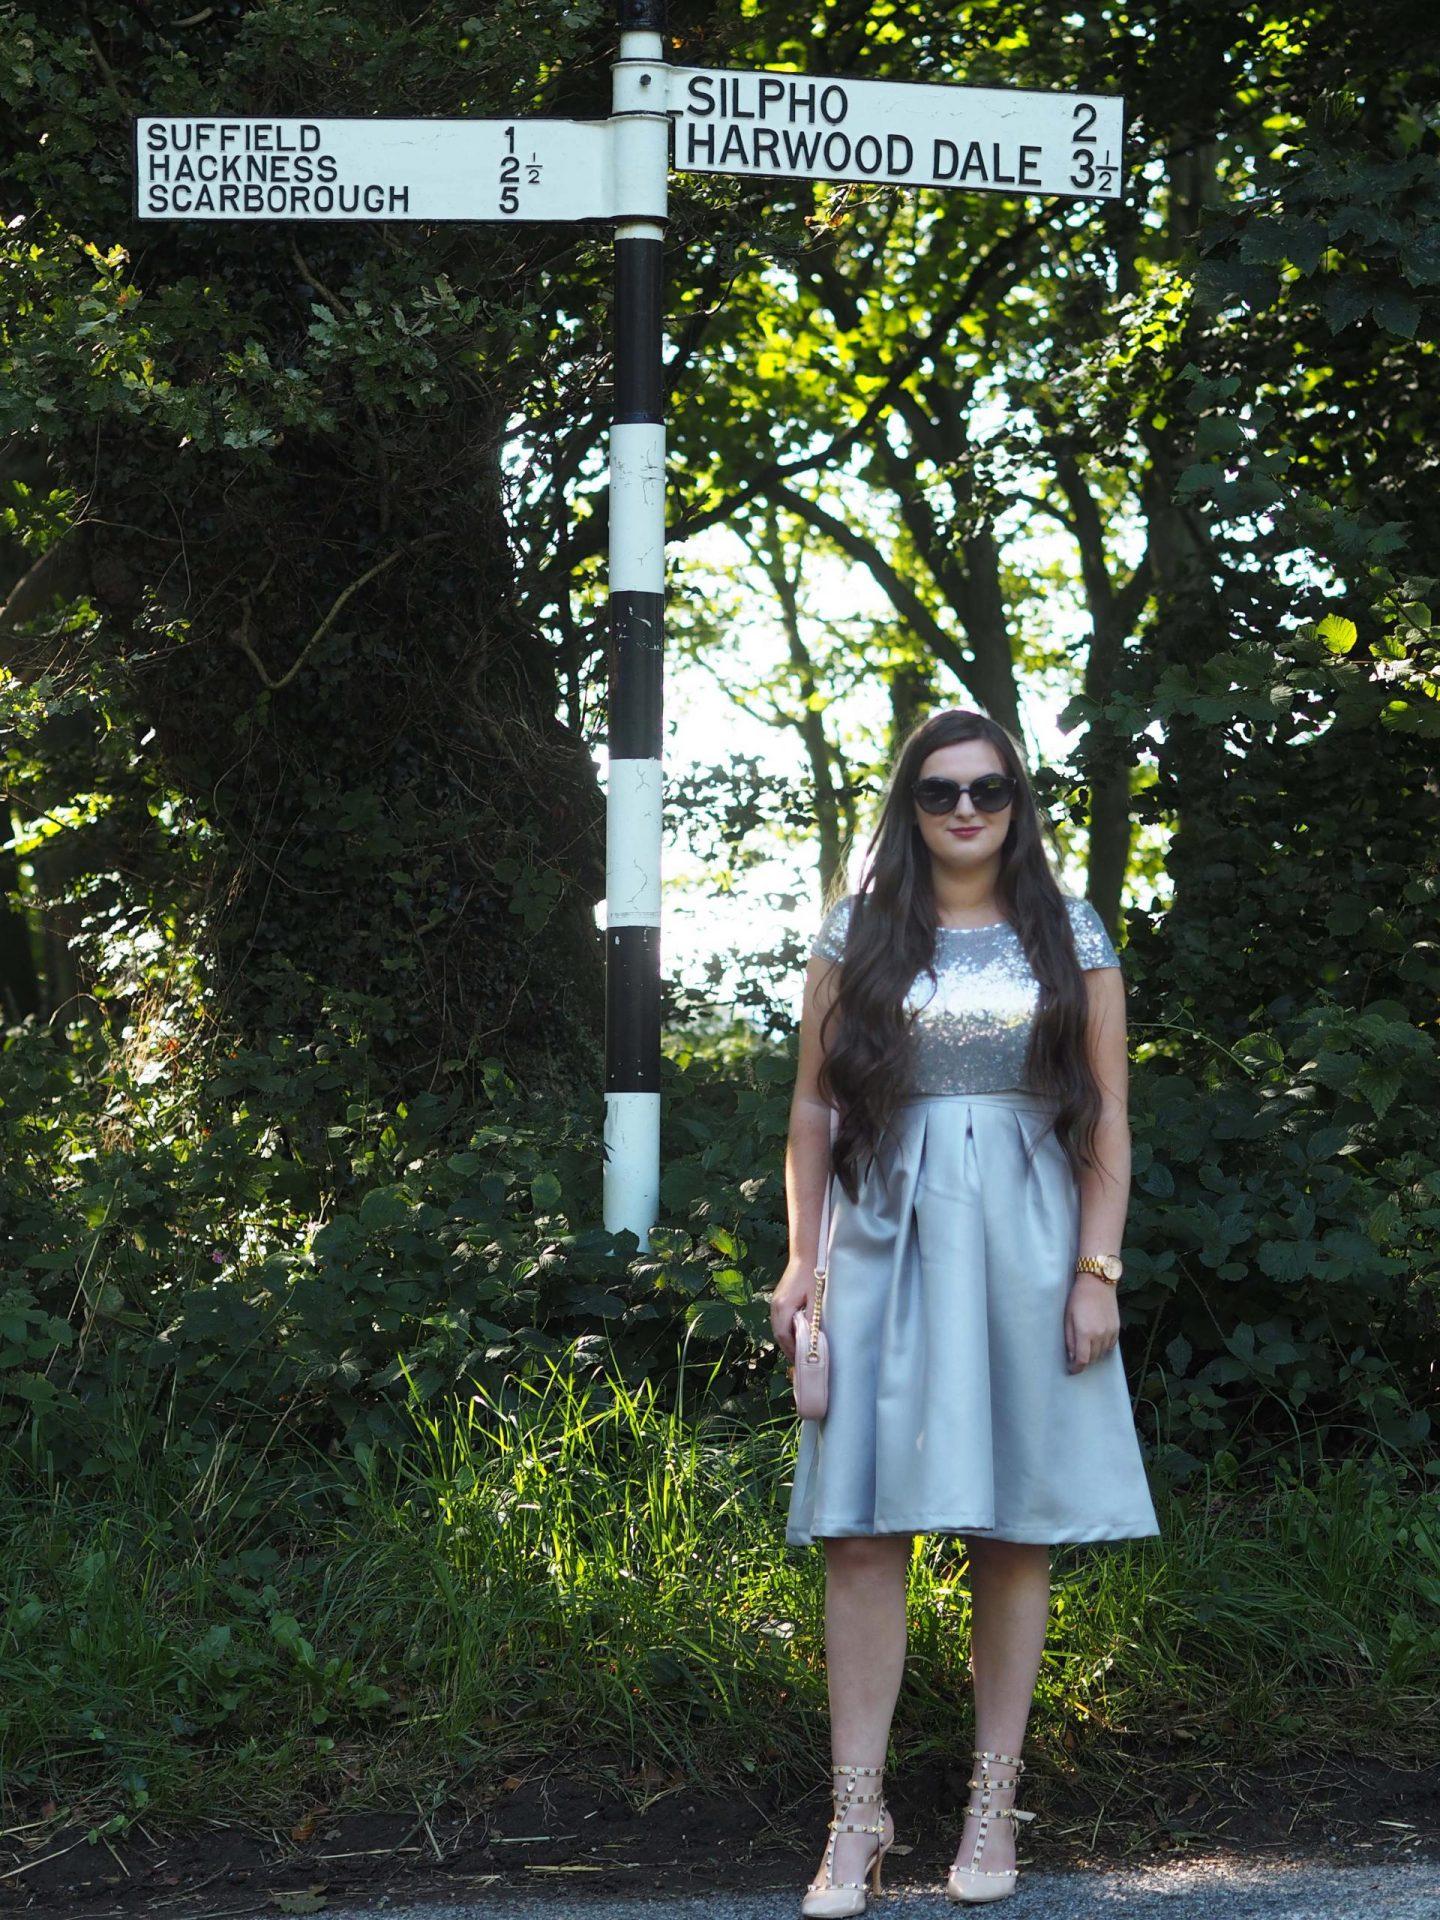 quiz-clothing-festive-sparkle-dress-rachel-nicole-uk-fashion-blogger